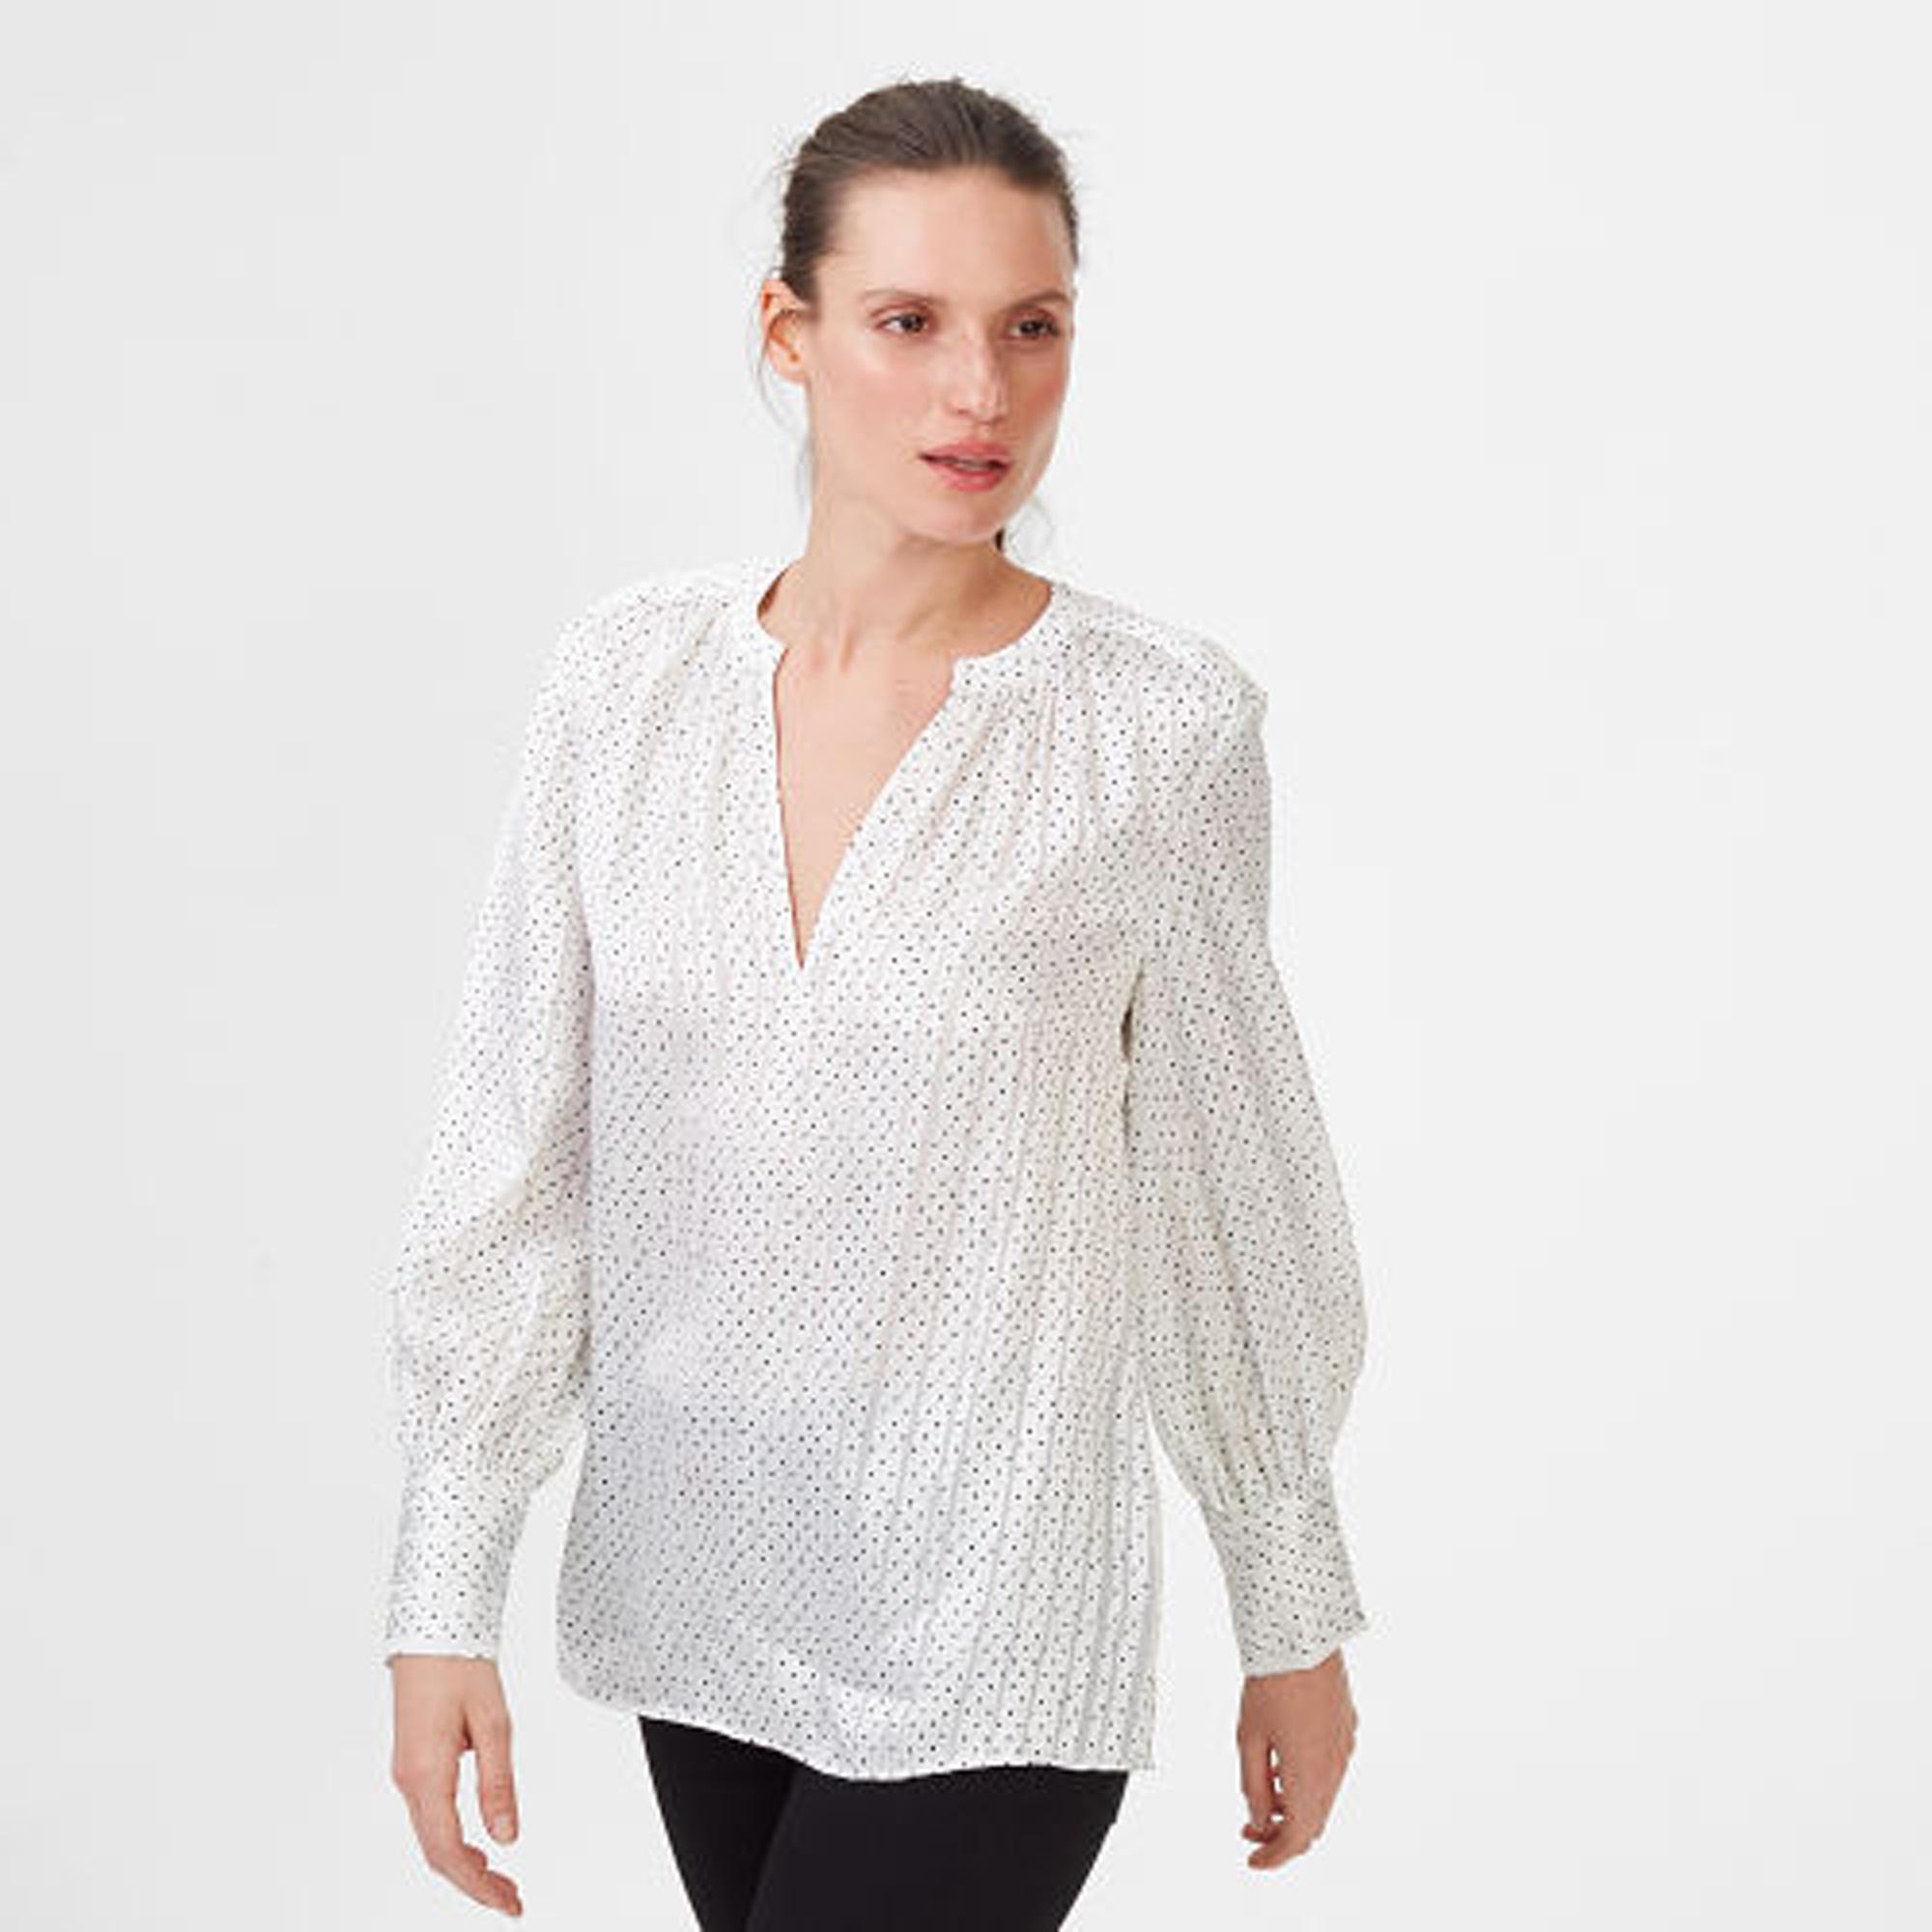 Janney Silk Top   HK$1,890